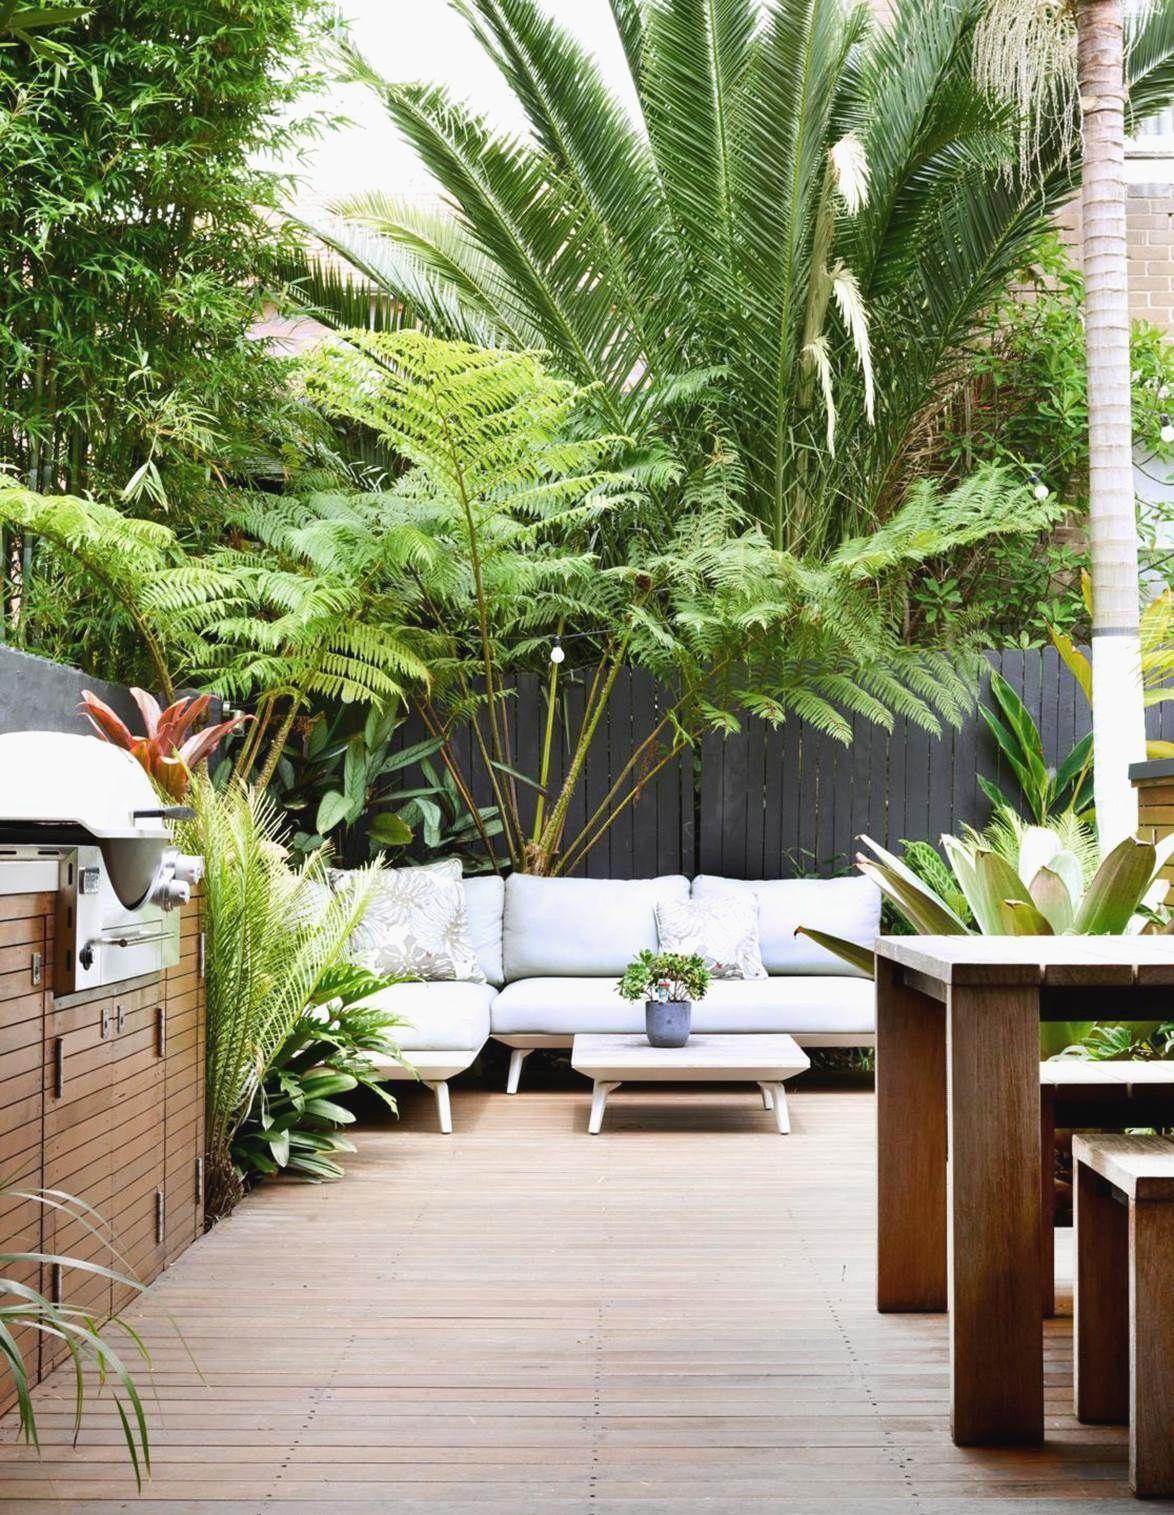 10 Glorious Coastal Gardens In 2020 Tropical Garden Design Modern Garden Design Small Garden Design